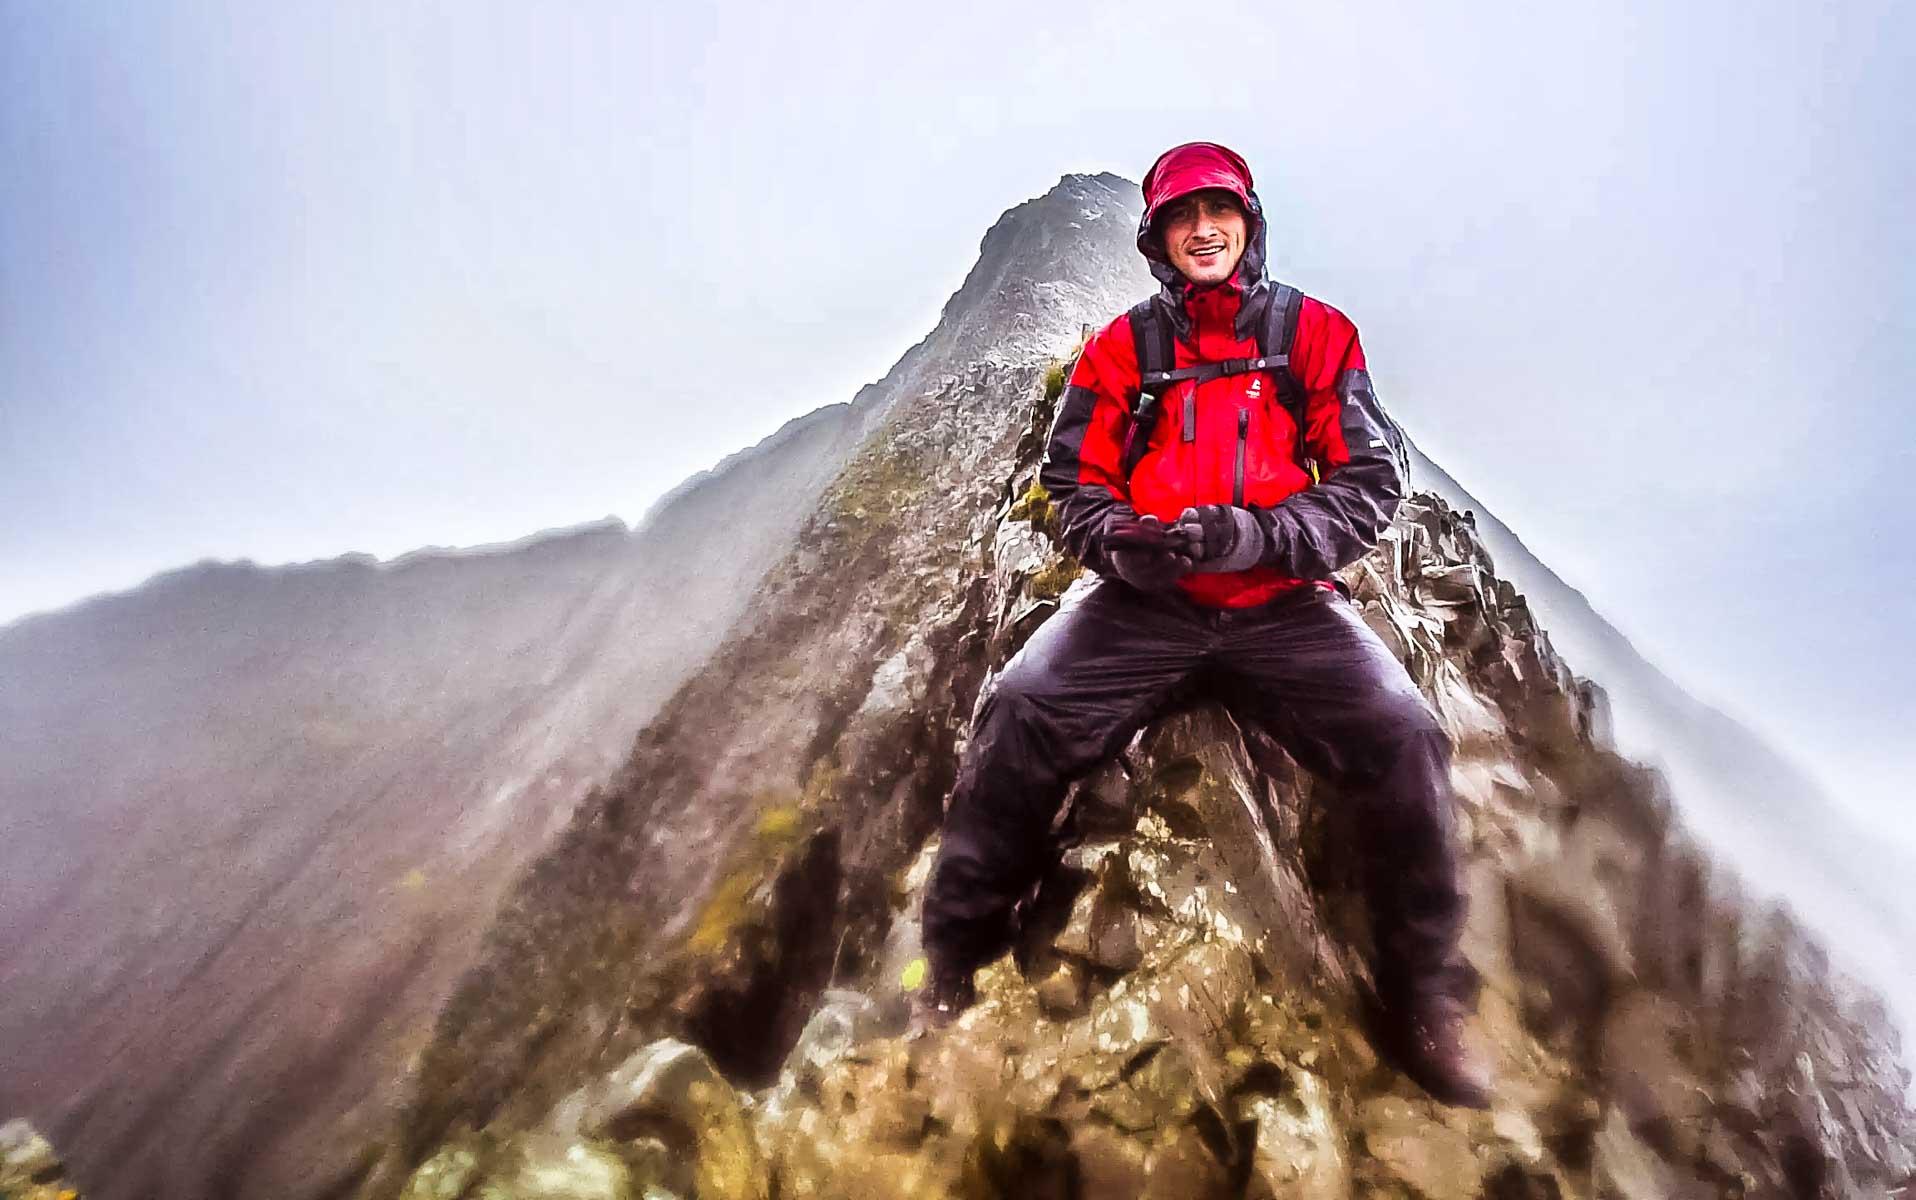 20363540e52440134b91a340231efd1e35a67693efaf32fcbf520700 Crib Goch - One of Britain's Greatest Ridges